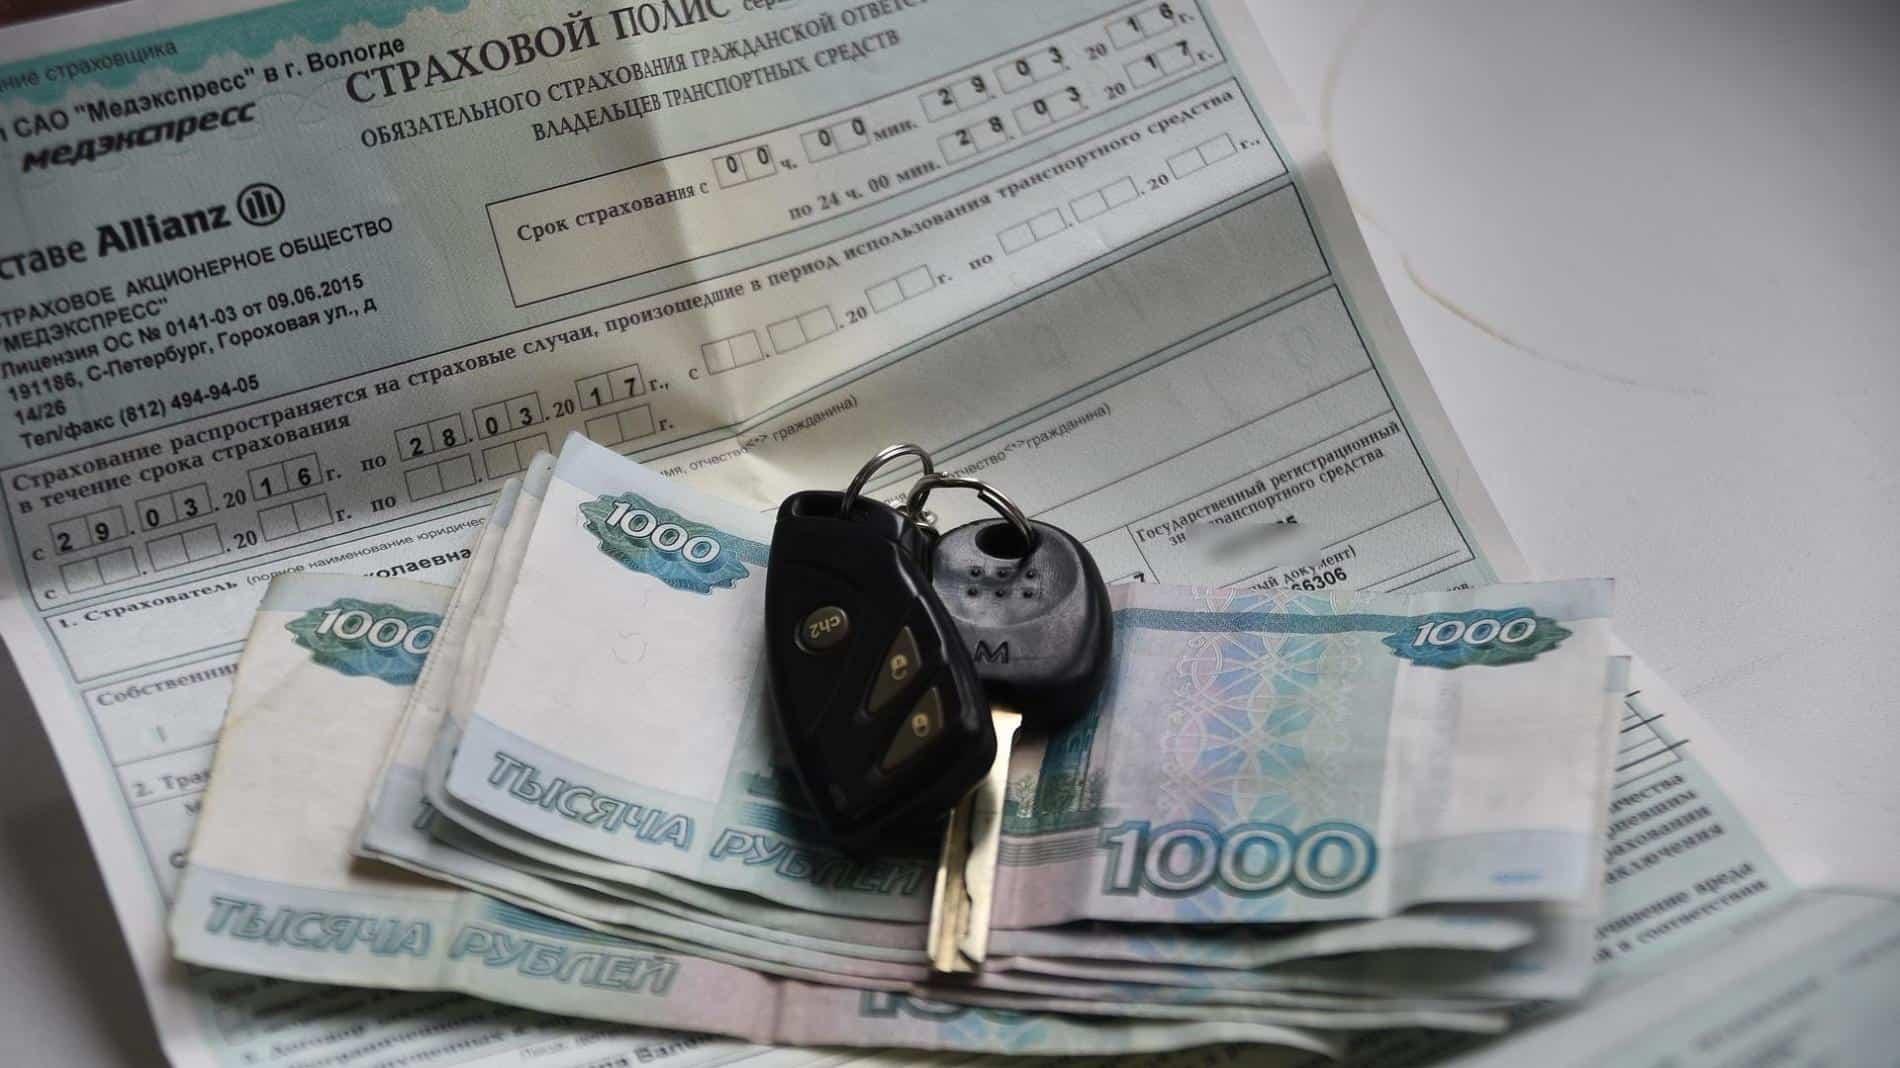 деньги +за осаго +при продаже автомобиля